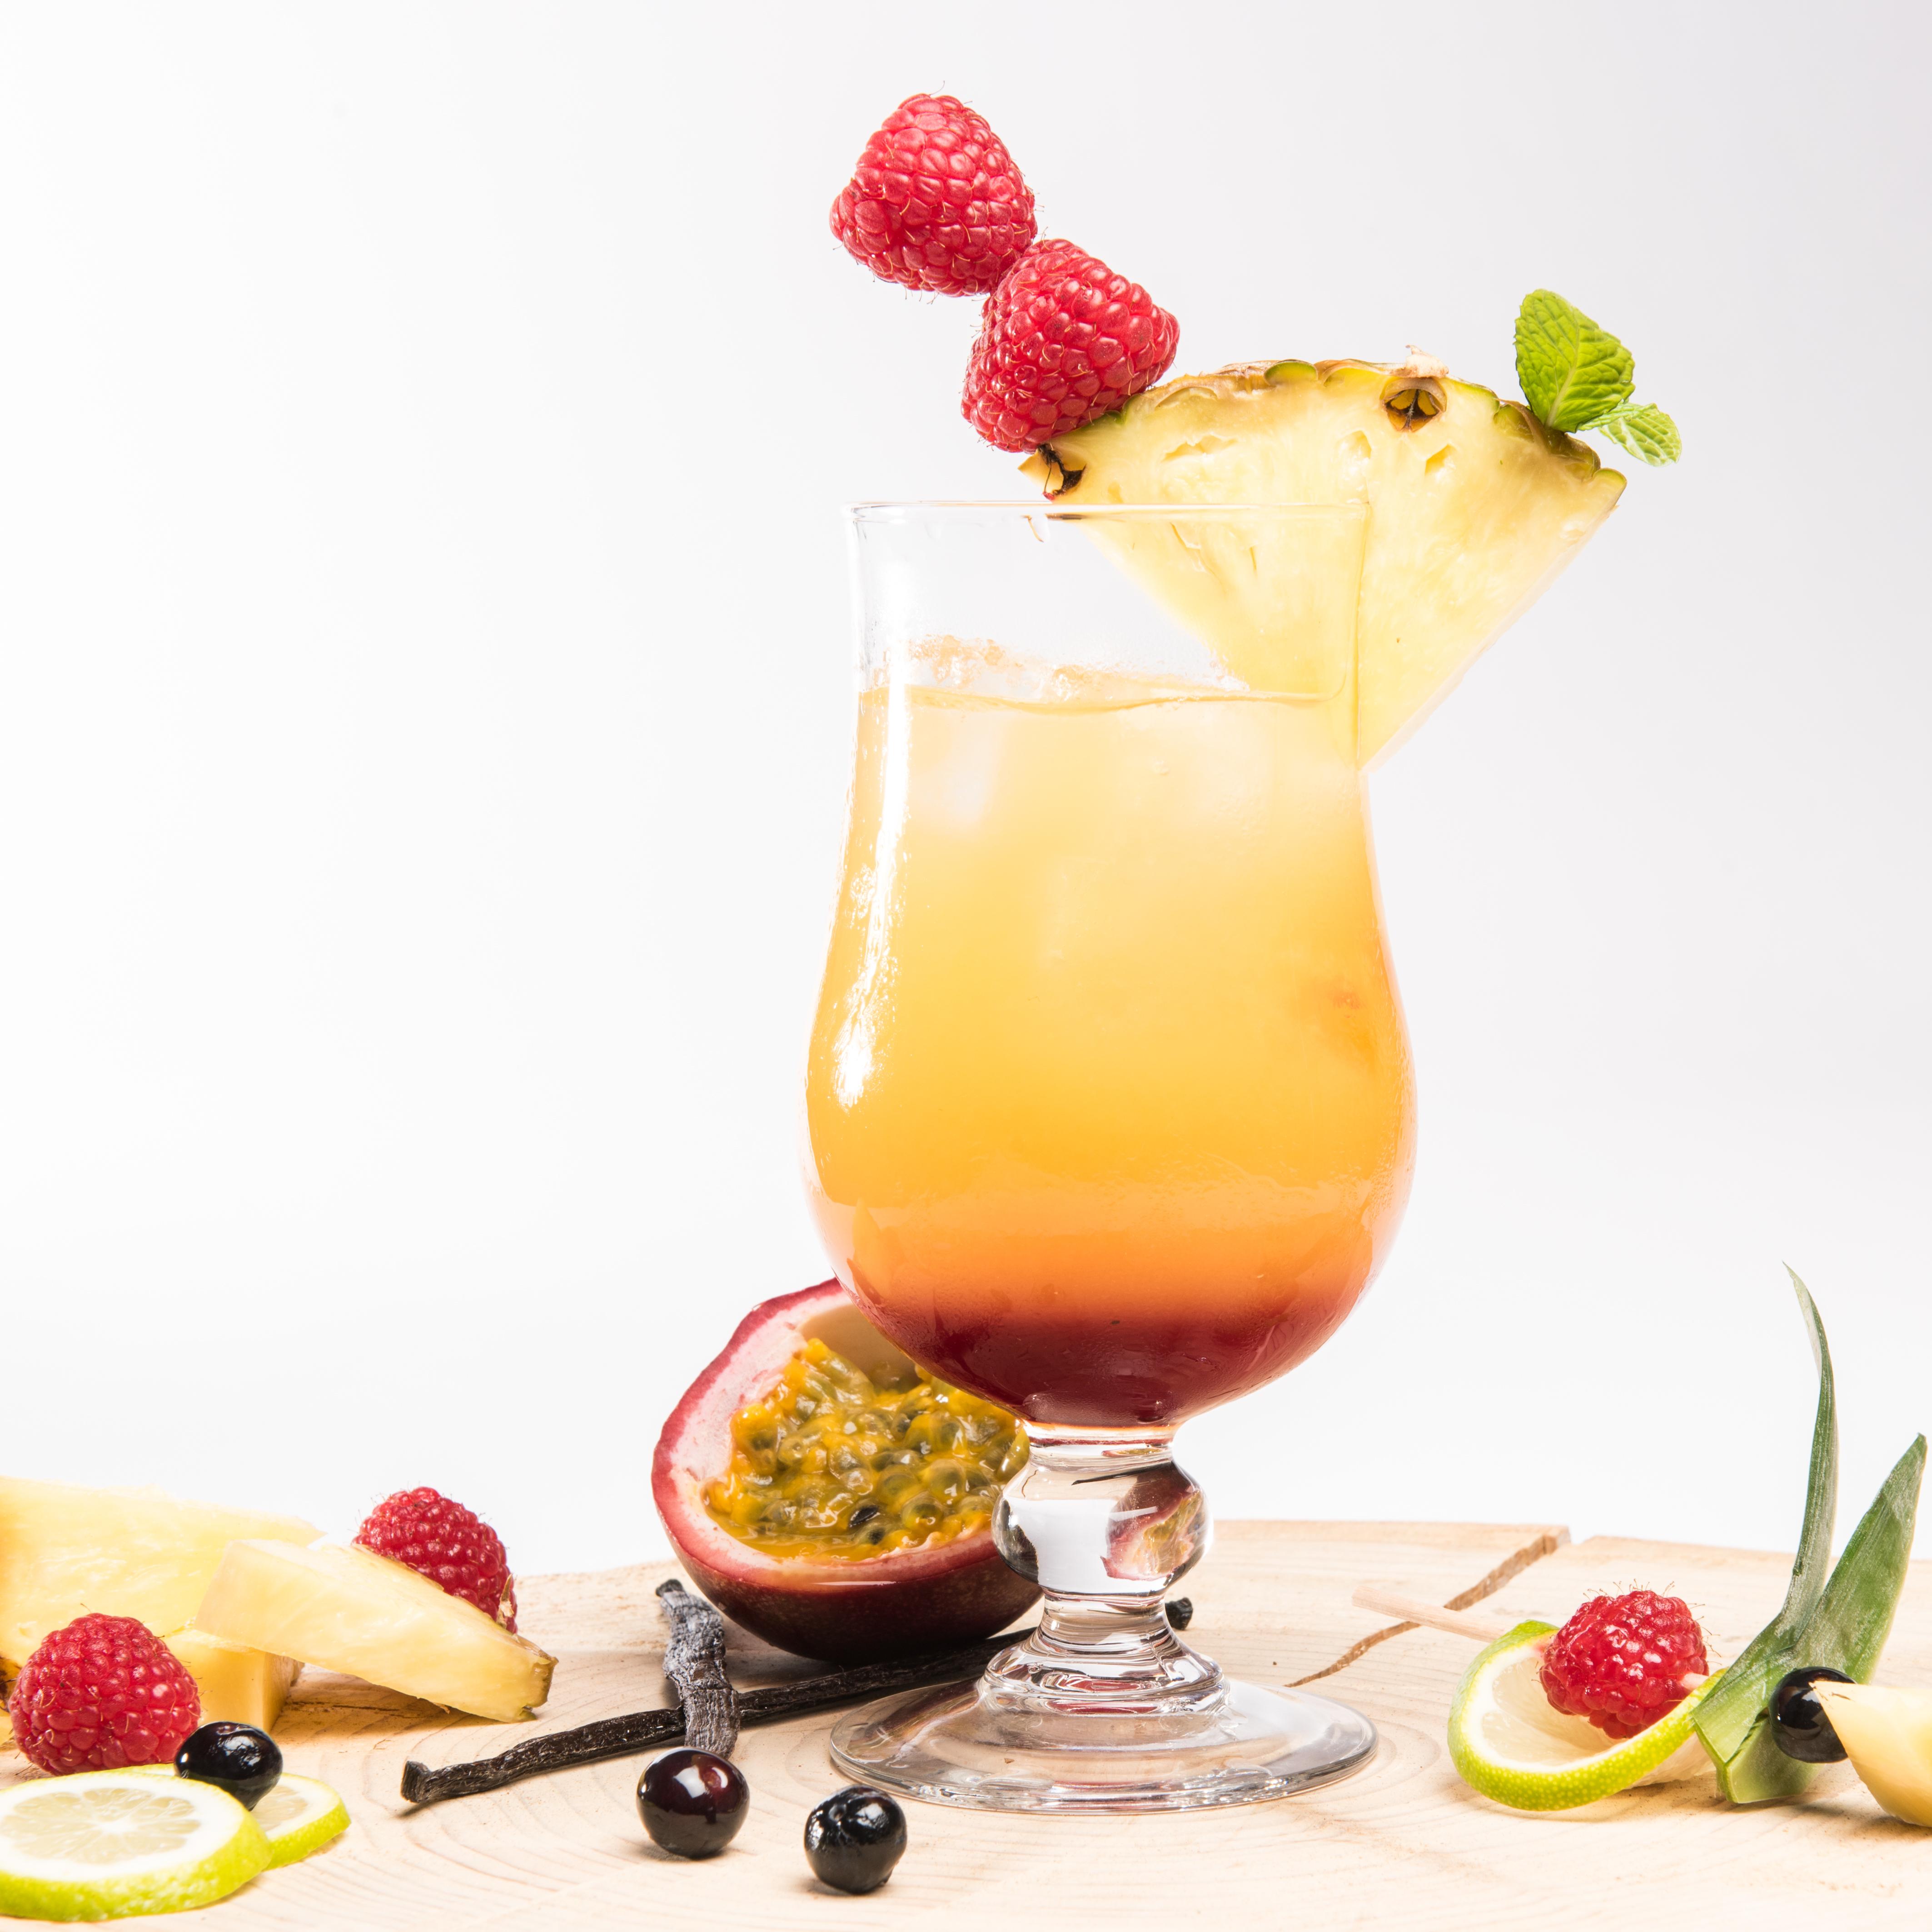 photographe publicitaire boisson